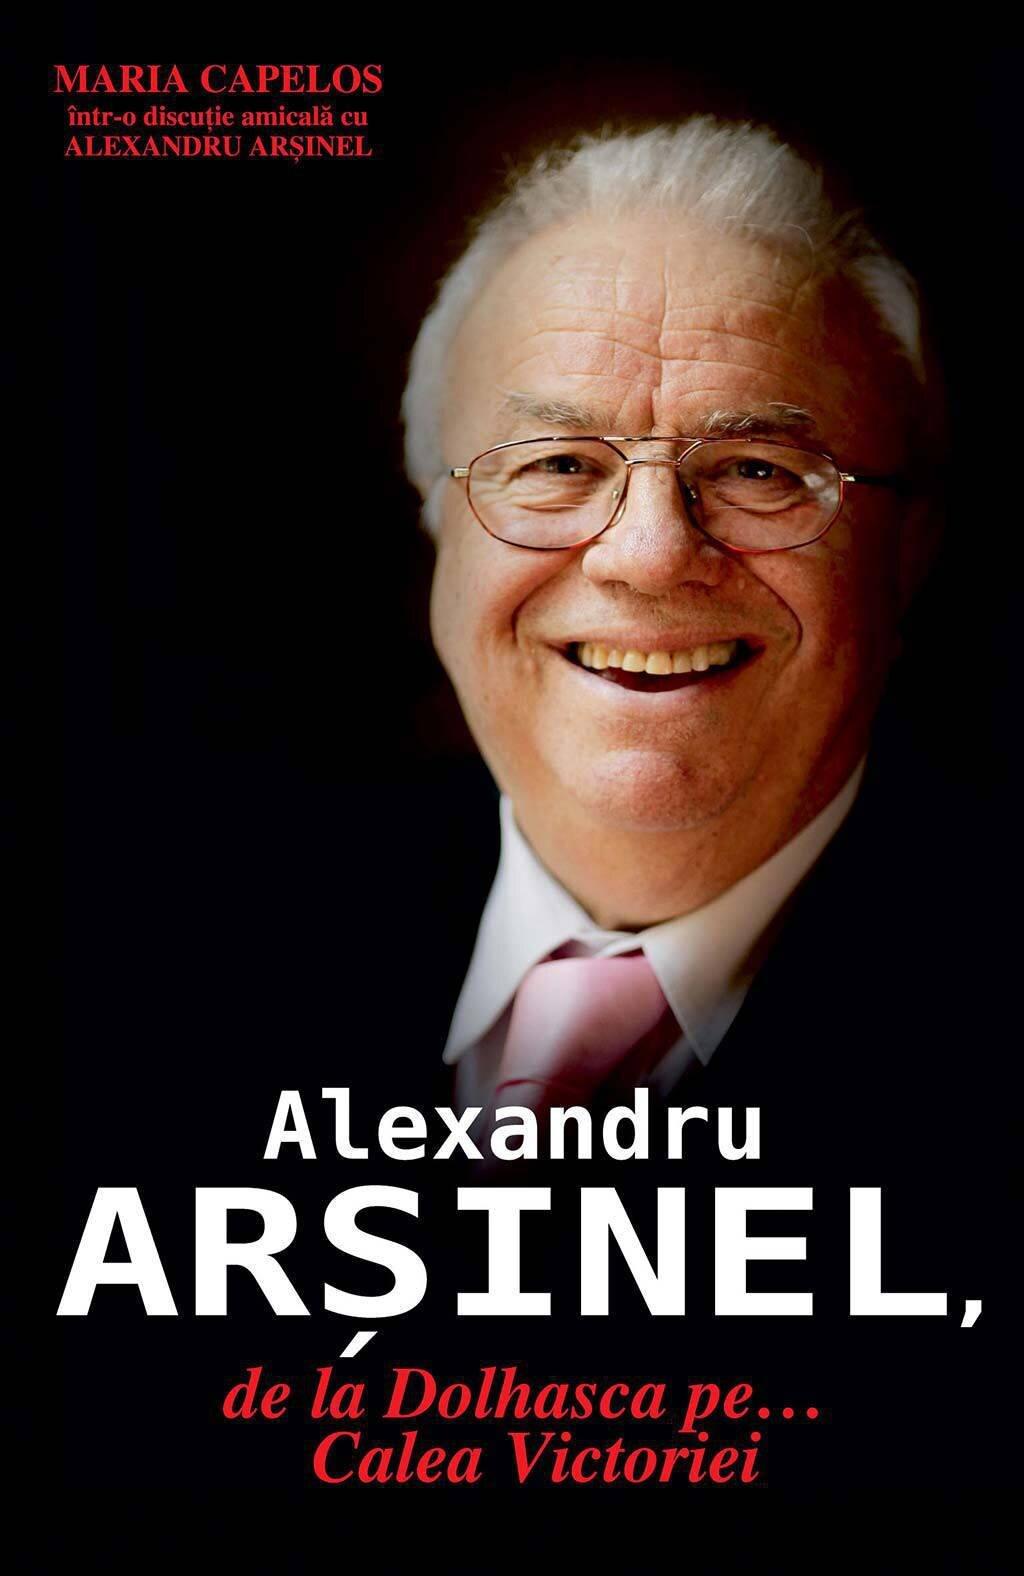 Alexandru Arsinel, de la Dolhasca pe... Calea Victoriei (eBook)